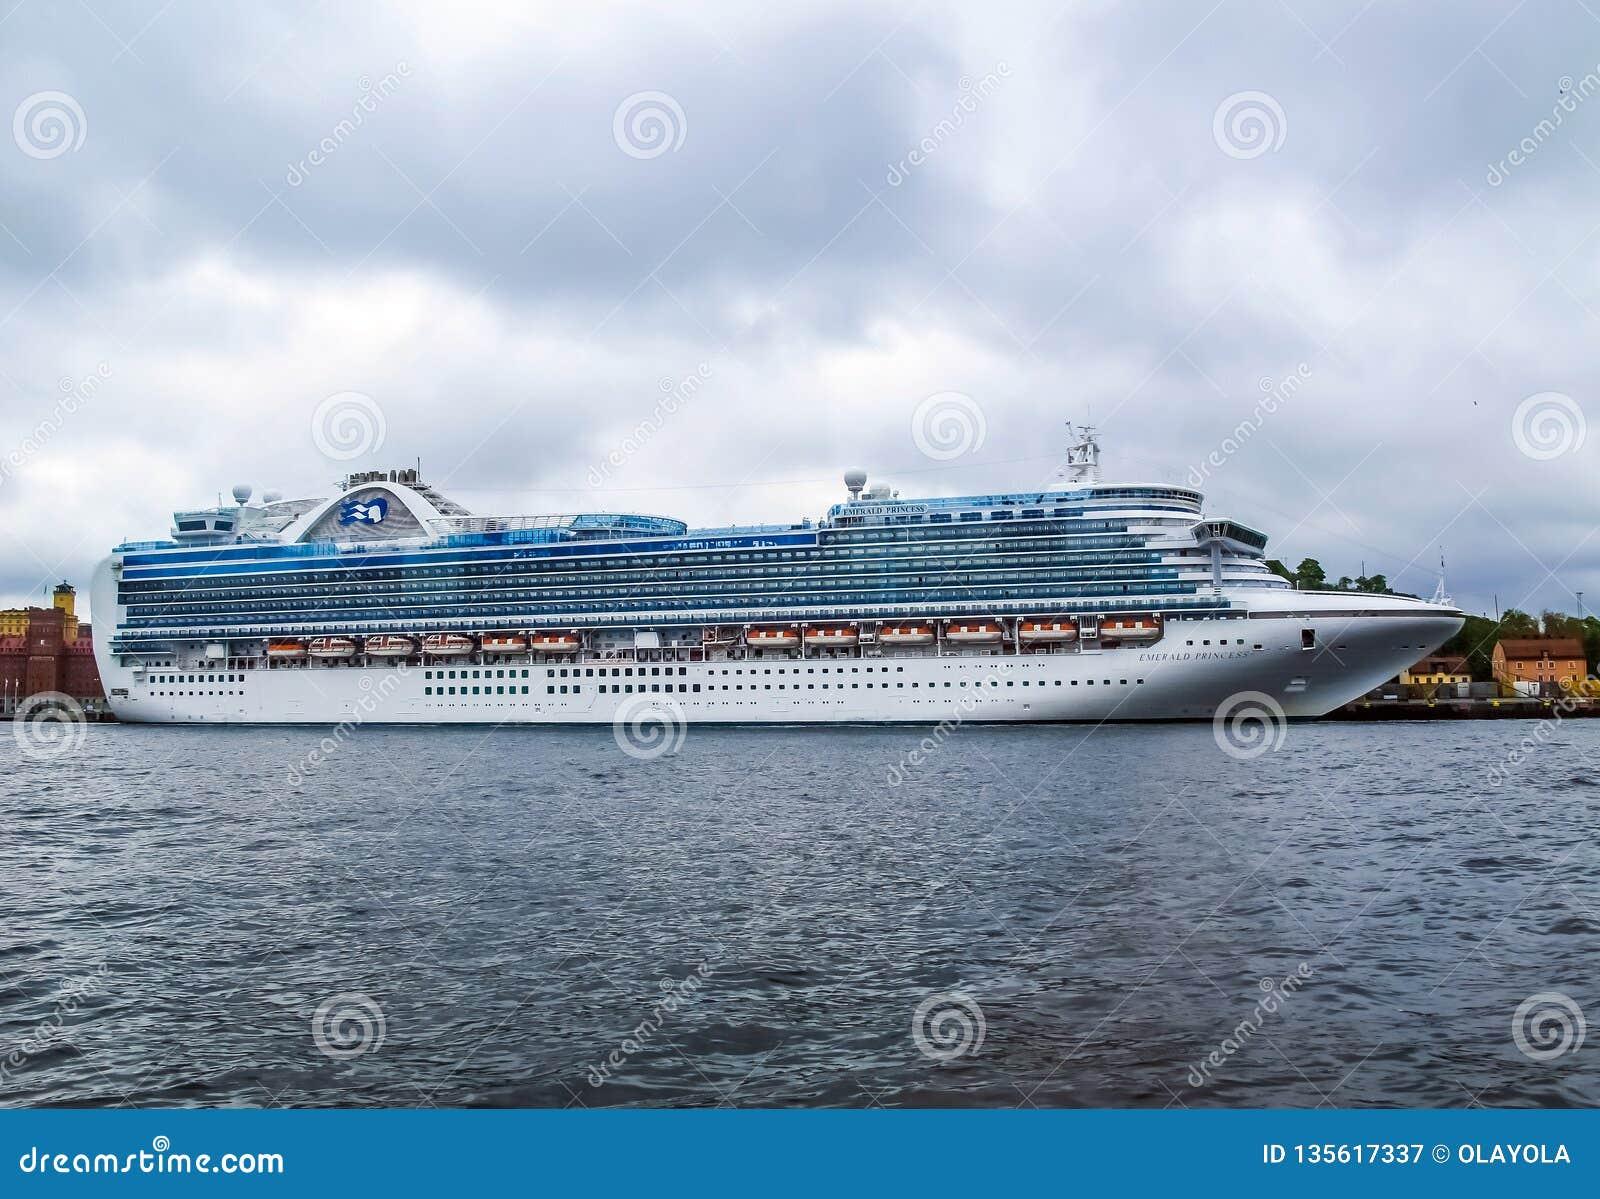 Stoccolma/Svezia - 15 maggio 2011: Nave da crociera Emerald Princess al pilastro di Stoccolma